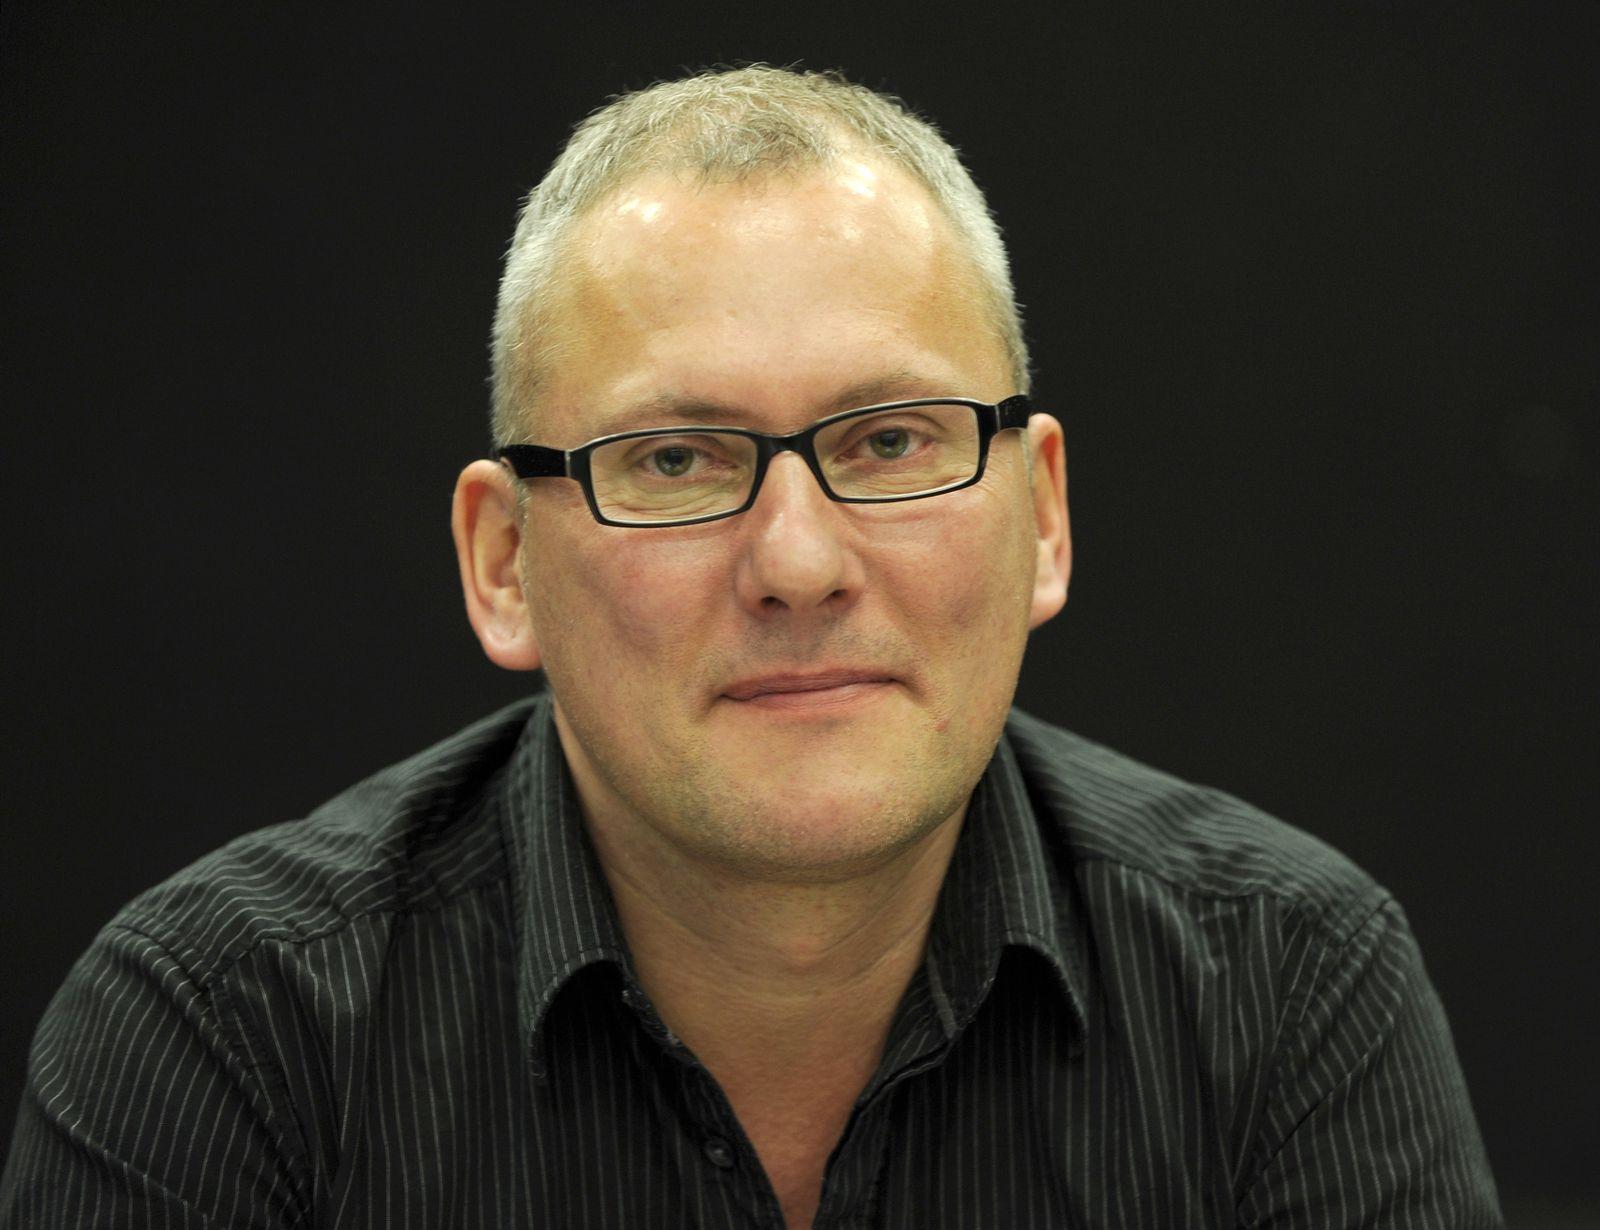 Lars-Ole Walburg